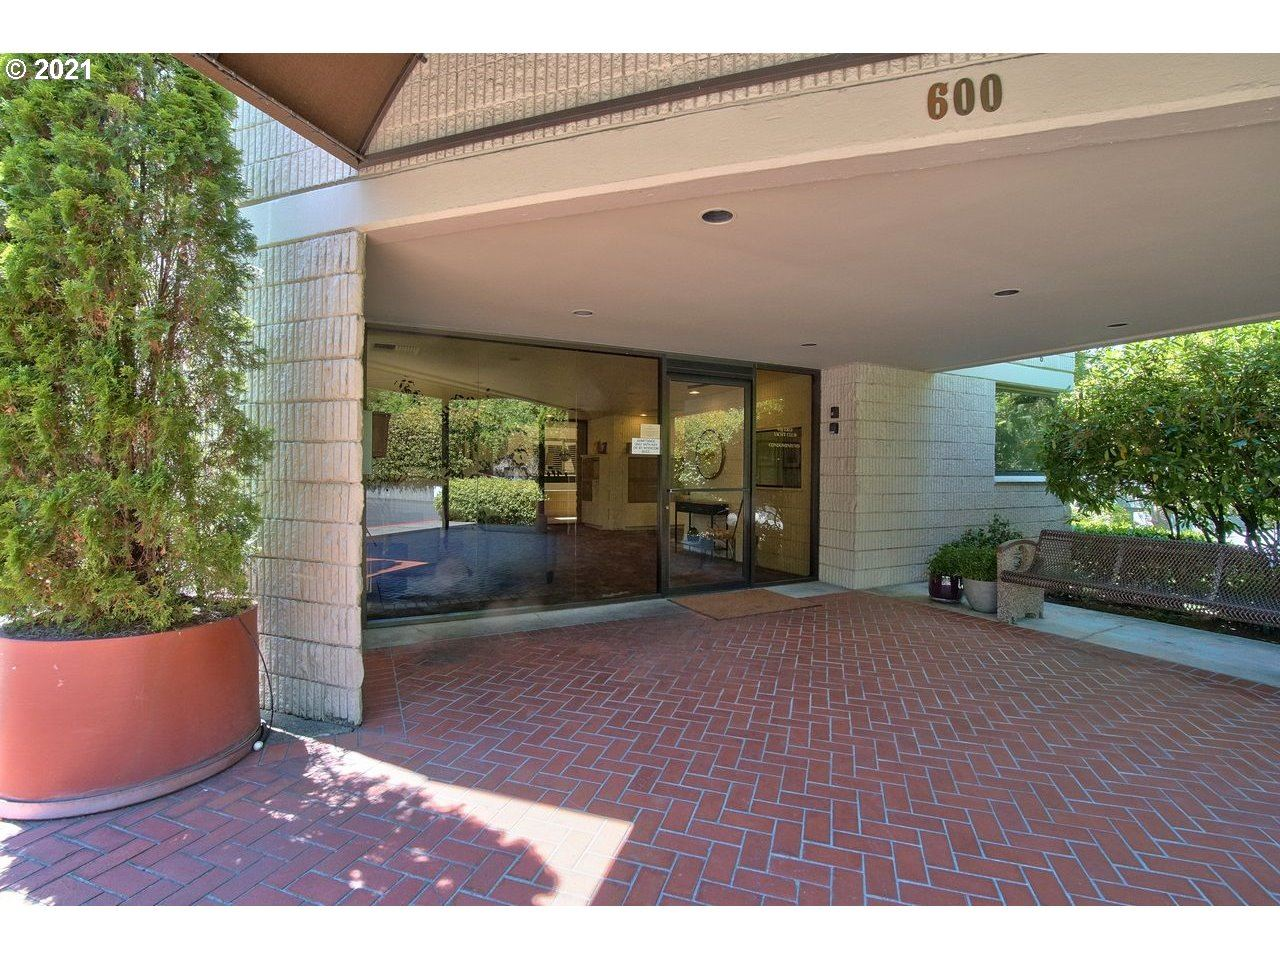 600 SE MARION ST #308, Portland, OR 97202 - MLS#: 21083885